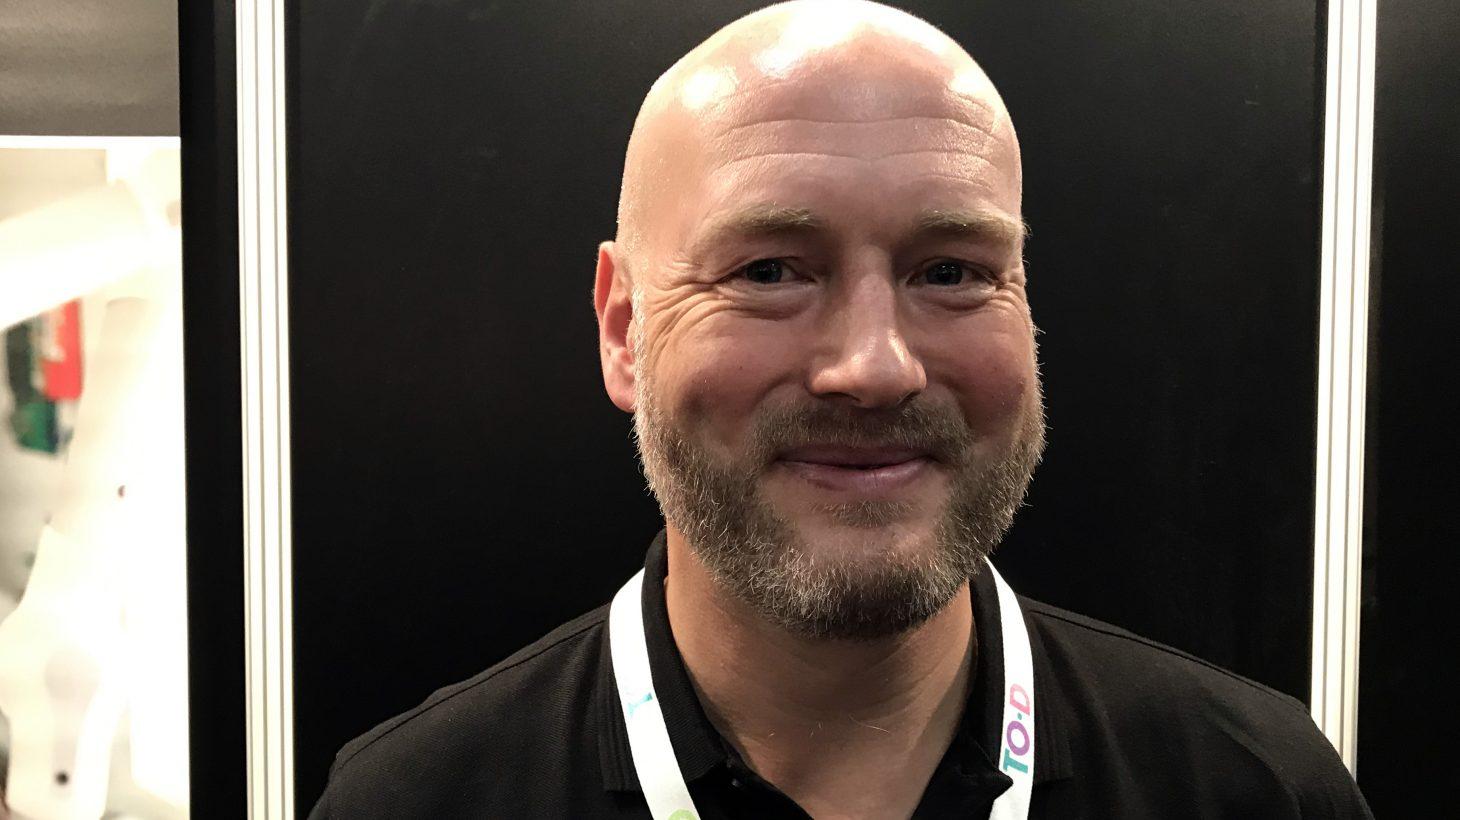 Johan Holgersson_Einar Hansengymnasiet